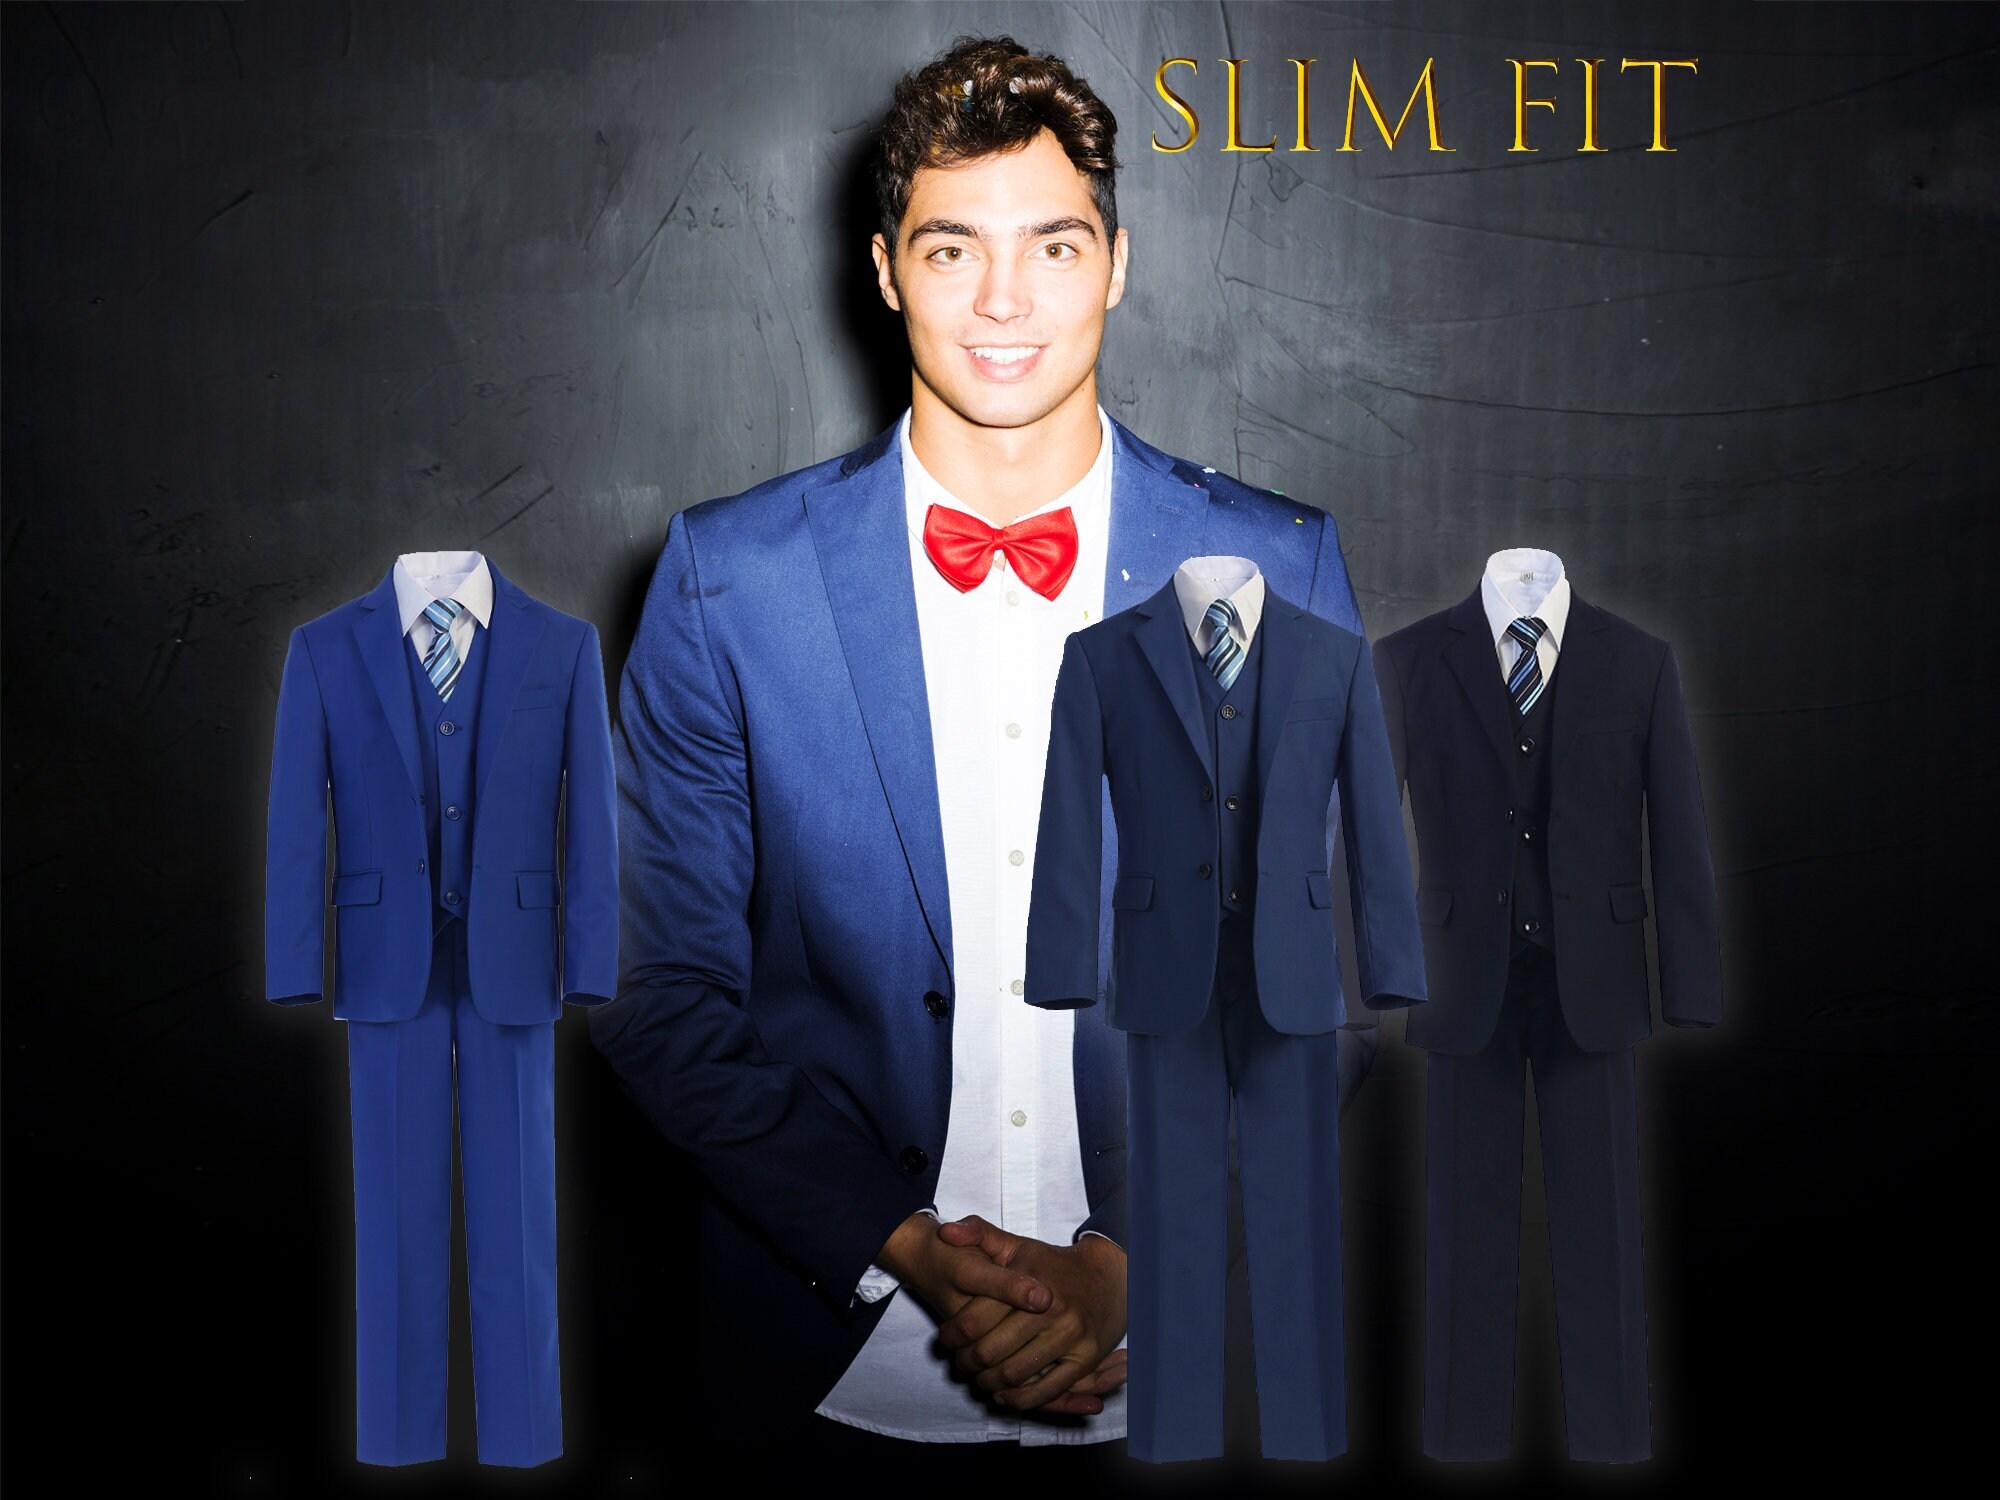 e1d7678b1dfb Little to Big Boy Slim Fit Premium 7-Piece American Suit